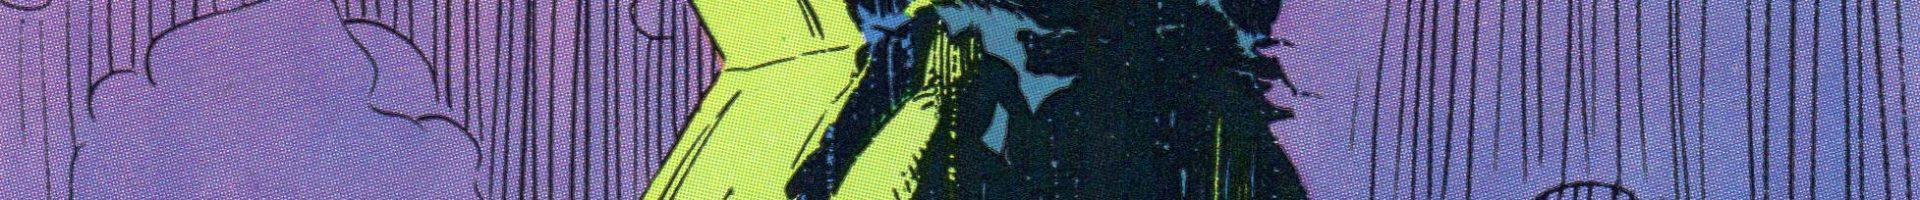 Comics You Should Own – 'Uncanny X-Men' #228-280